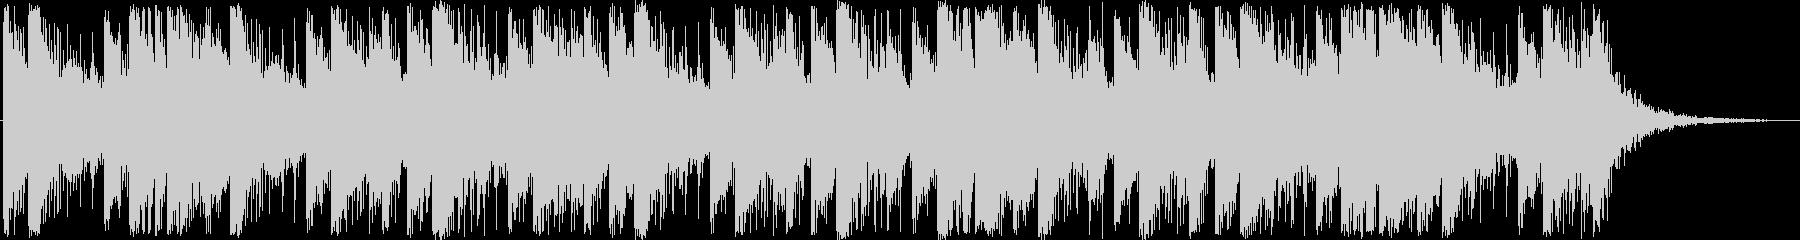 BGM_ロボットバトルの未再生の波形